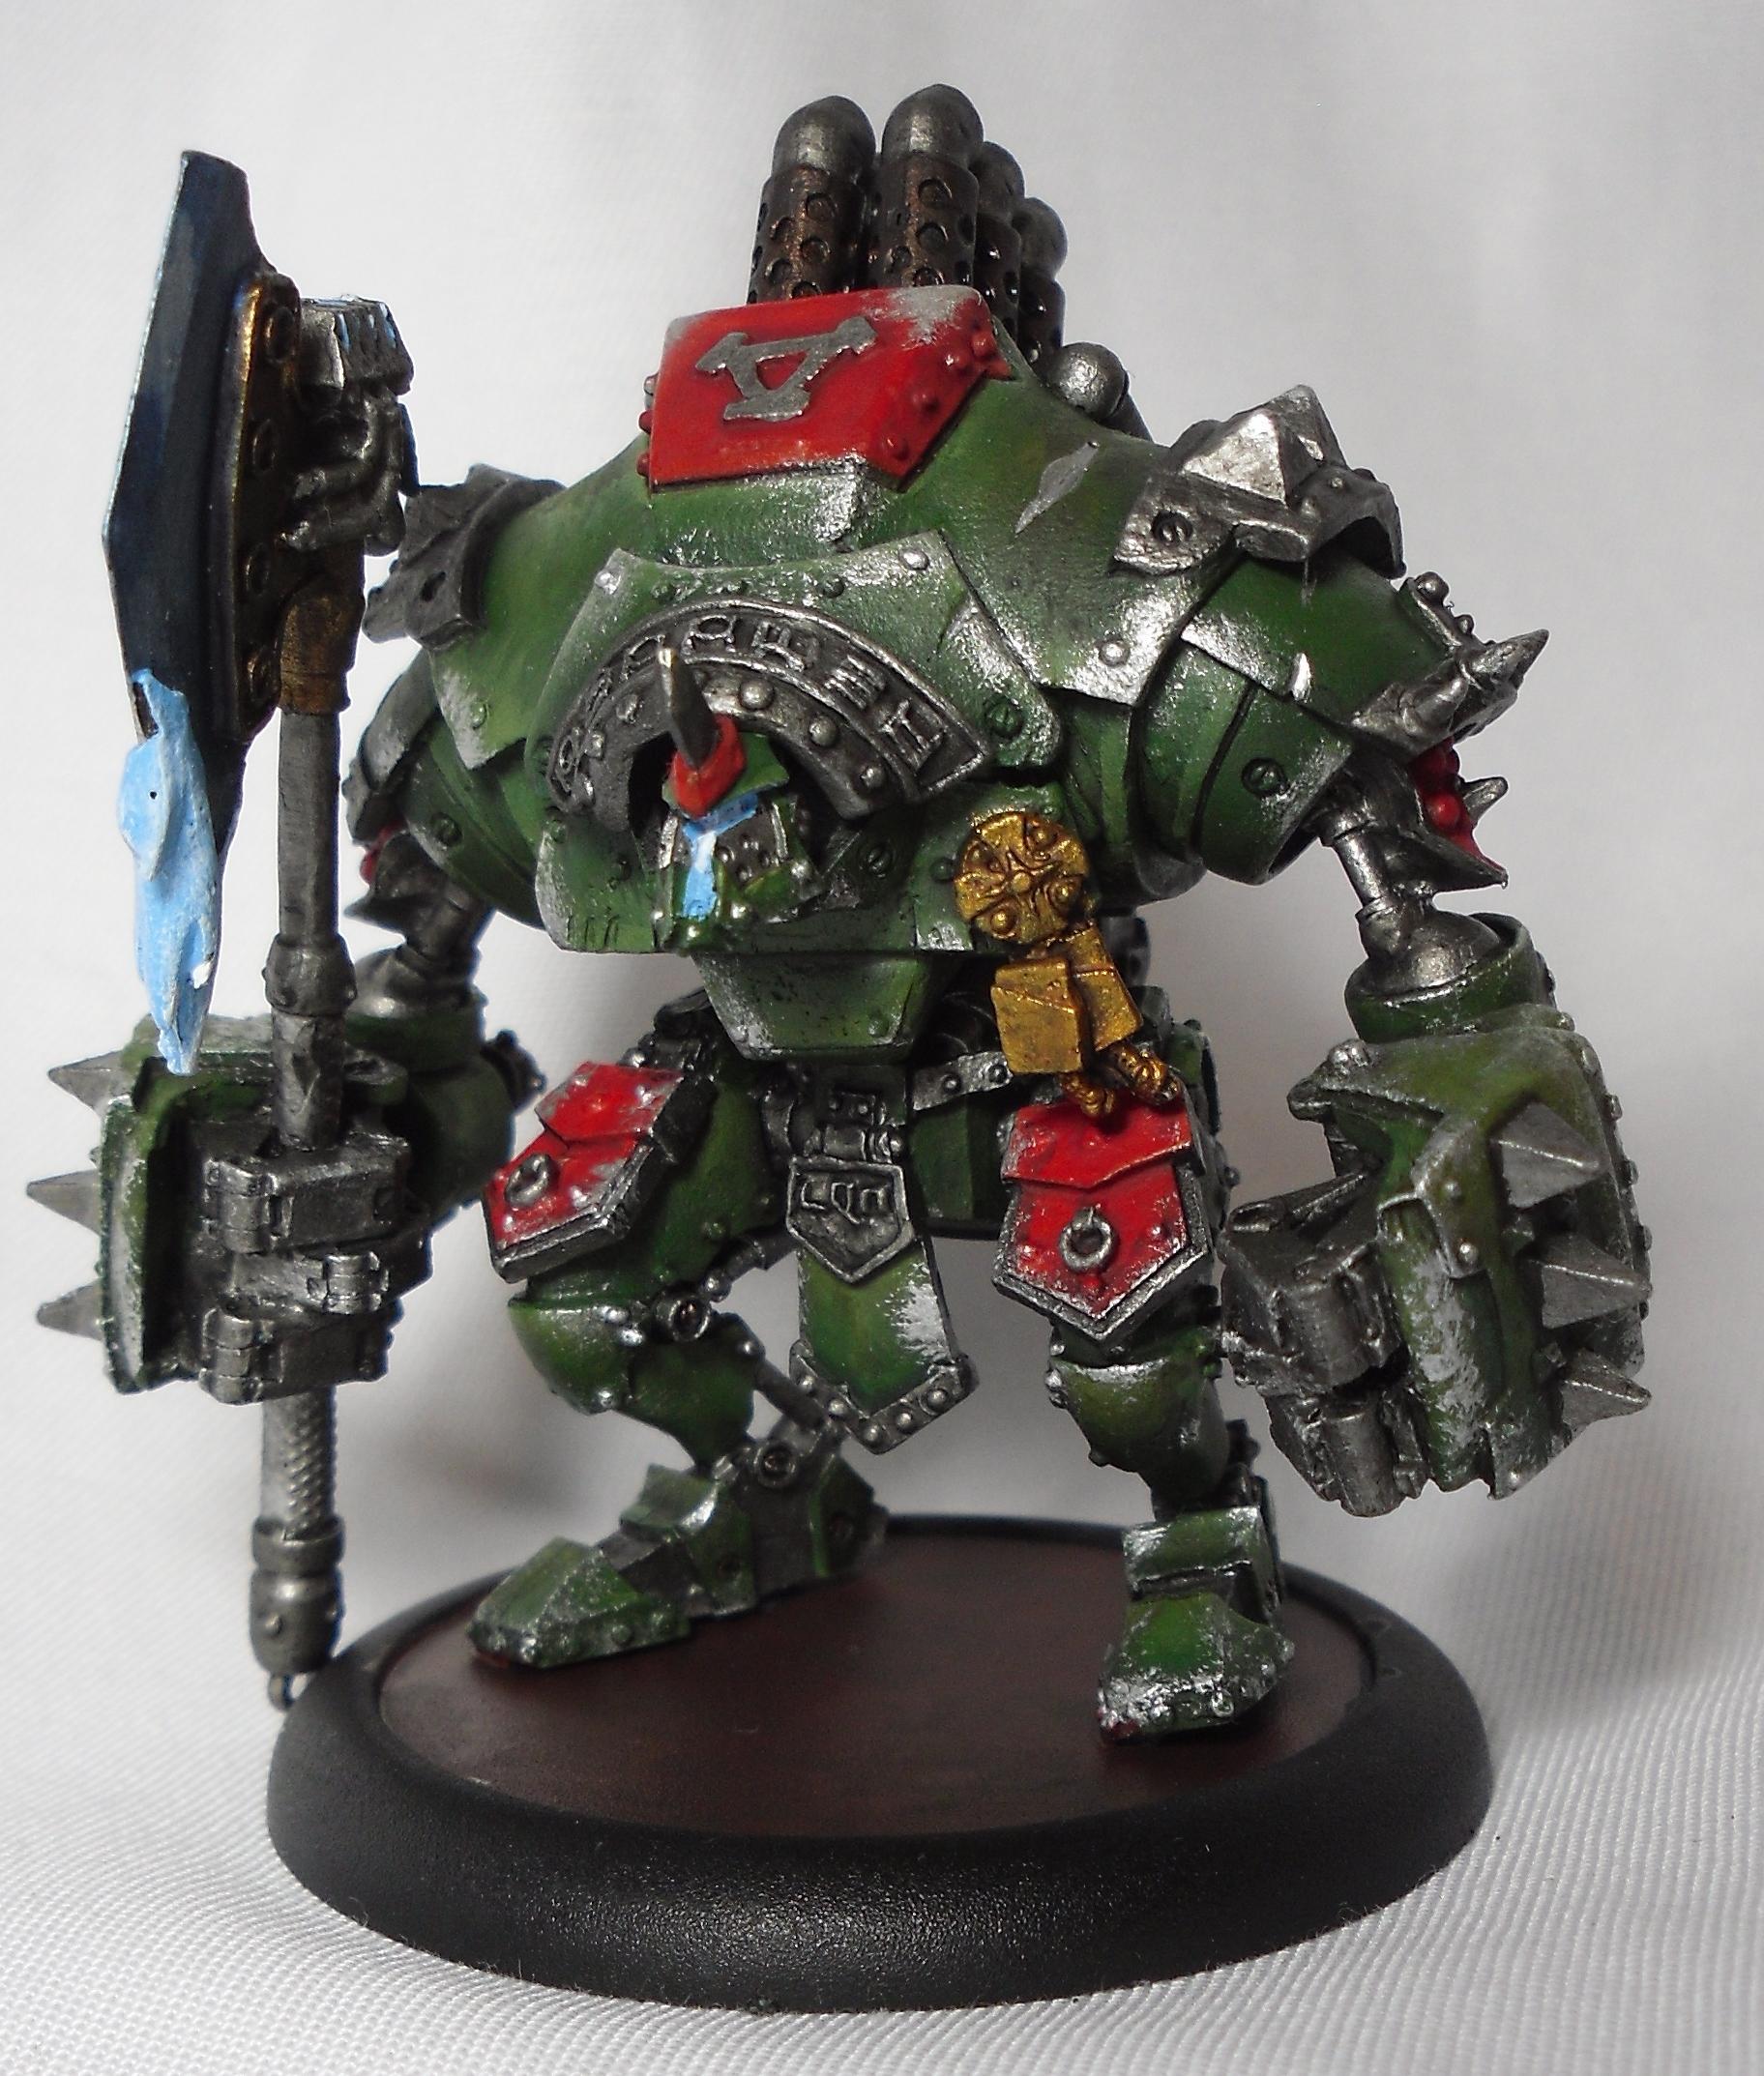 09, Beast, Green, Jack, Khador, War, Warmachine